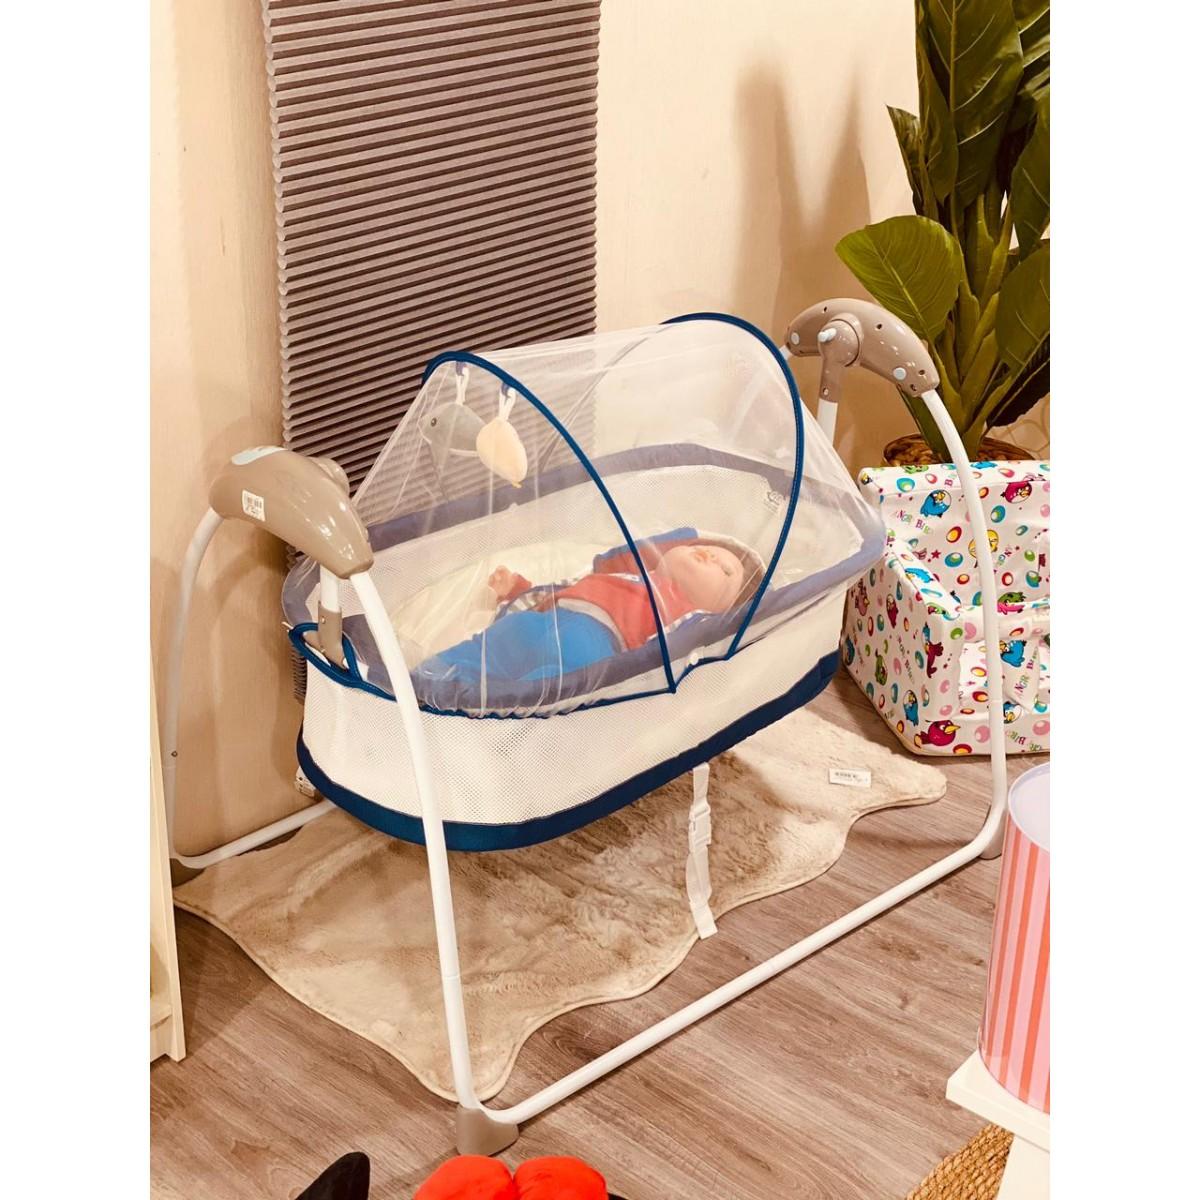 سرير اطفال اسفنج مع ناموسية كهرباء